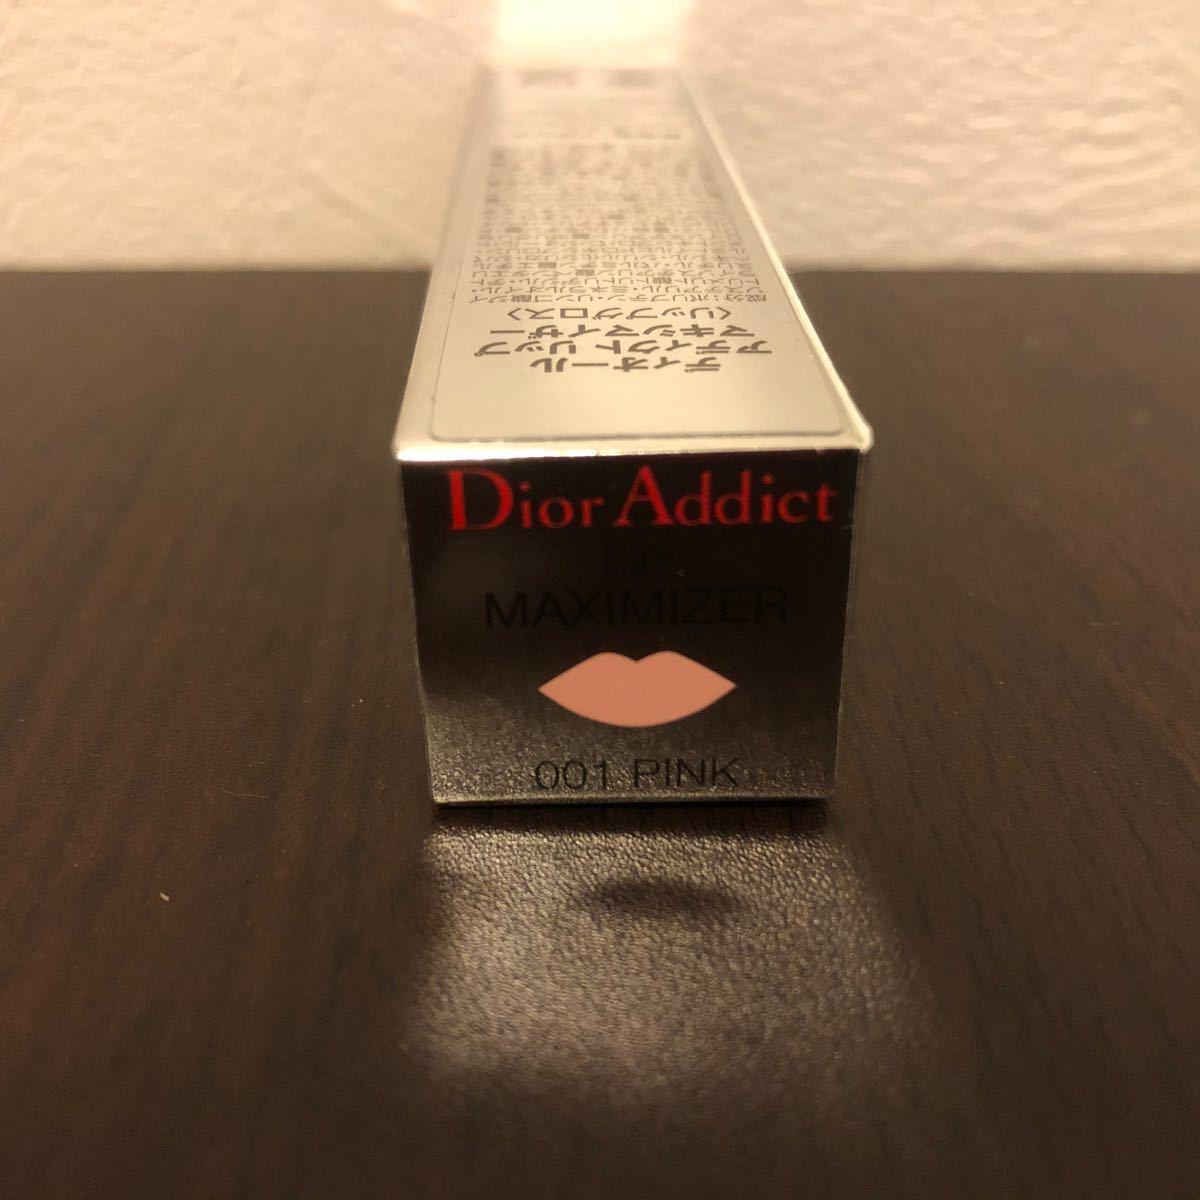 【新品】ディオール アディクト リップ マキシマイザー 001 ピンク  Dior